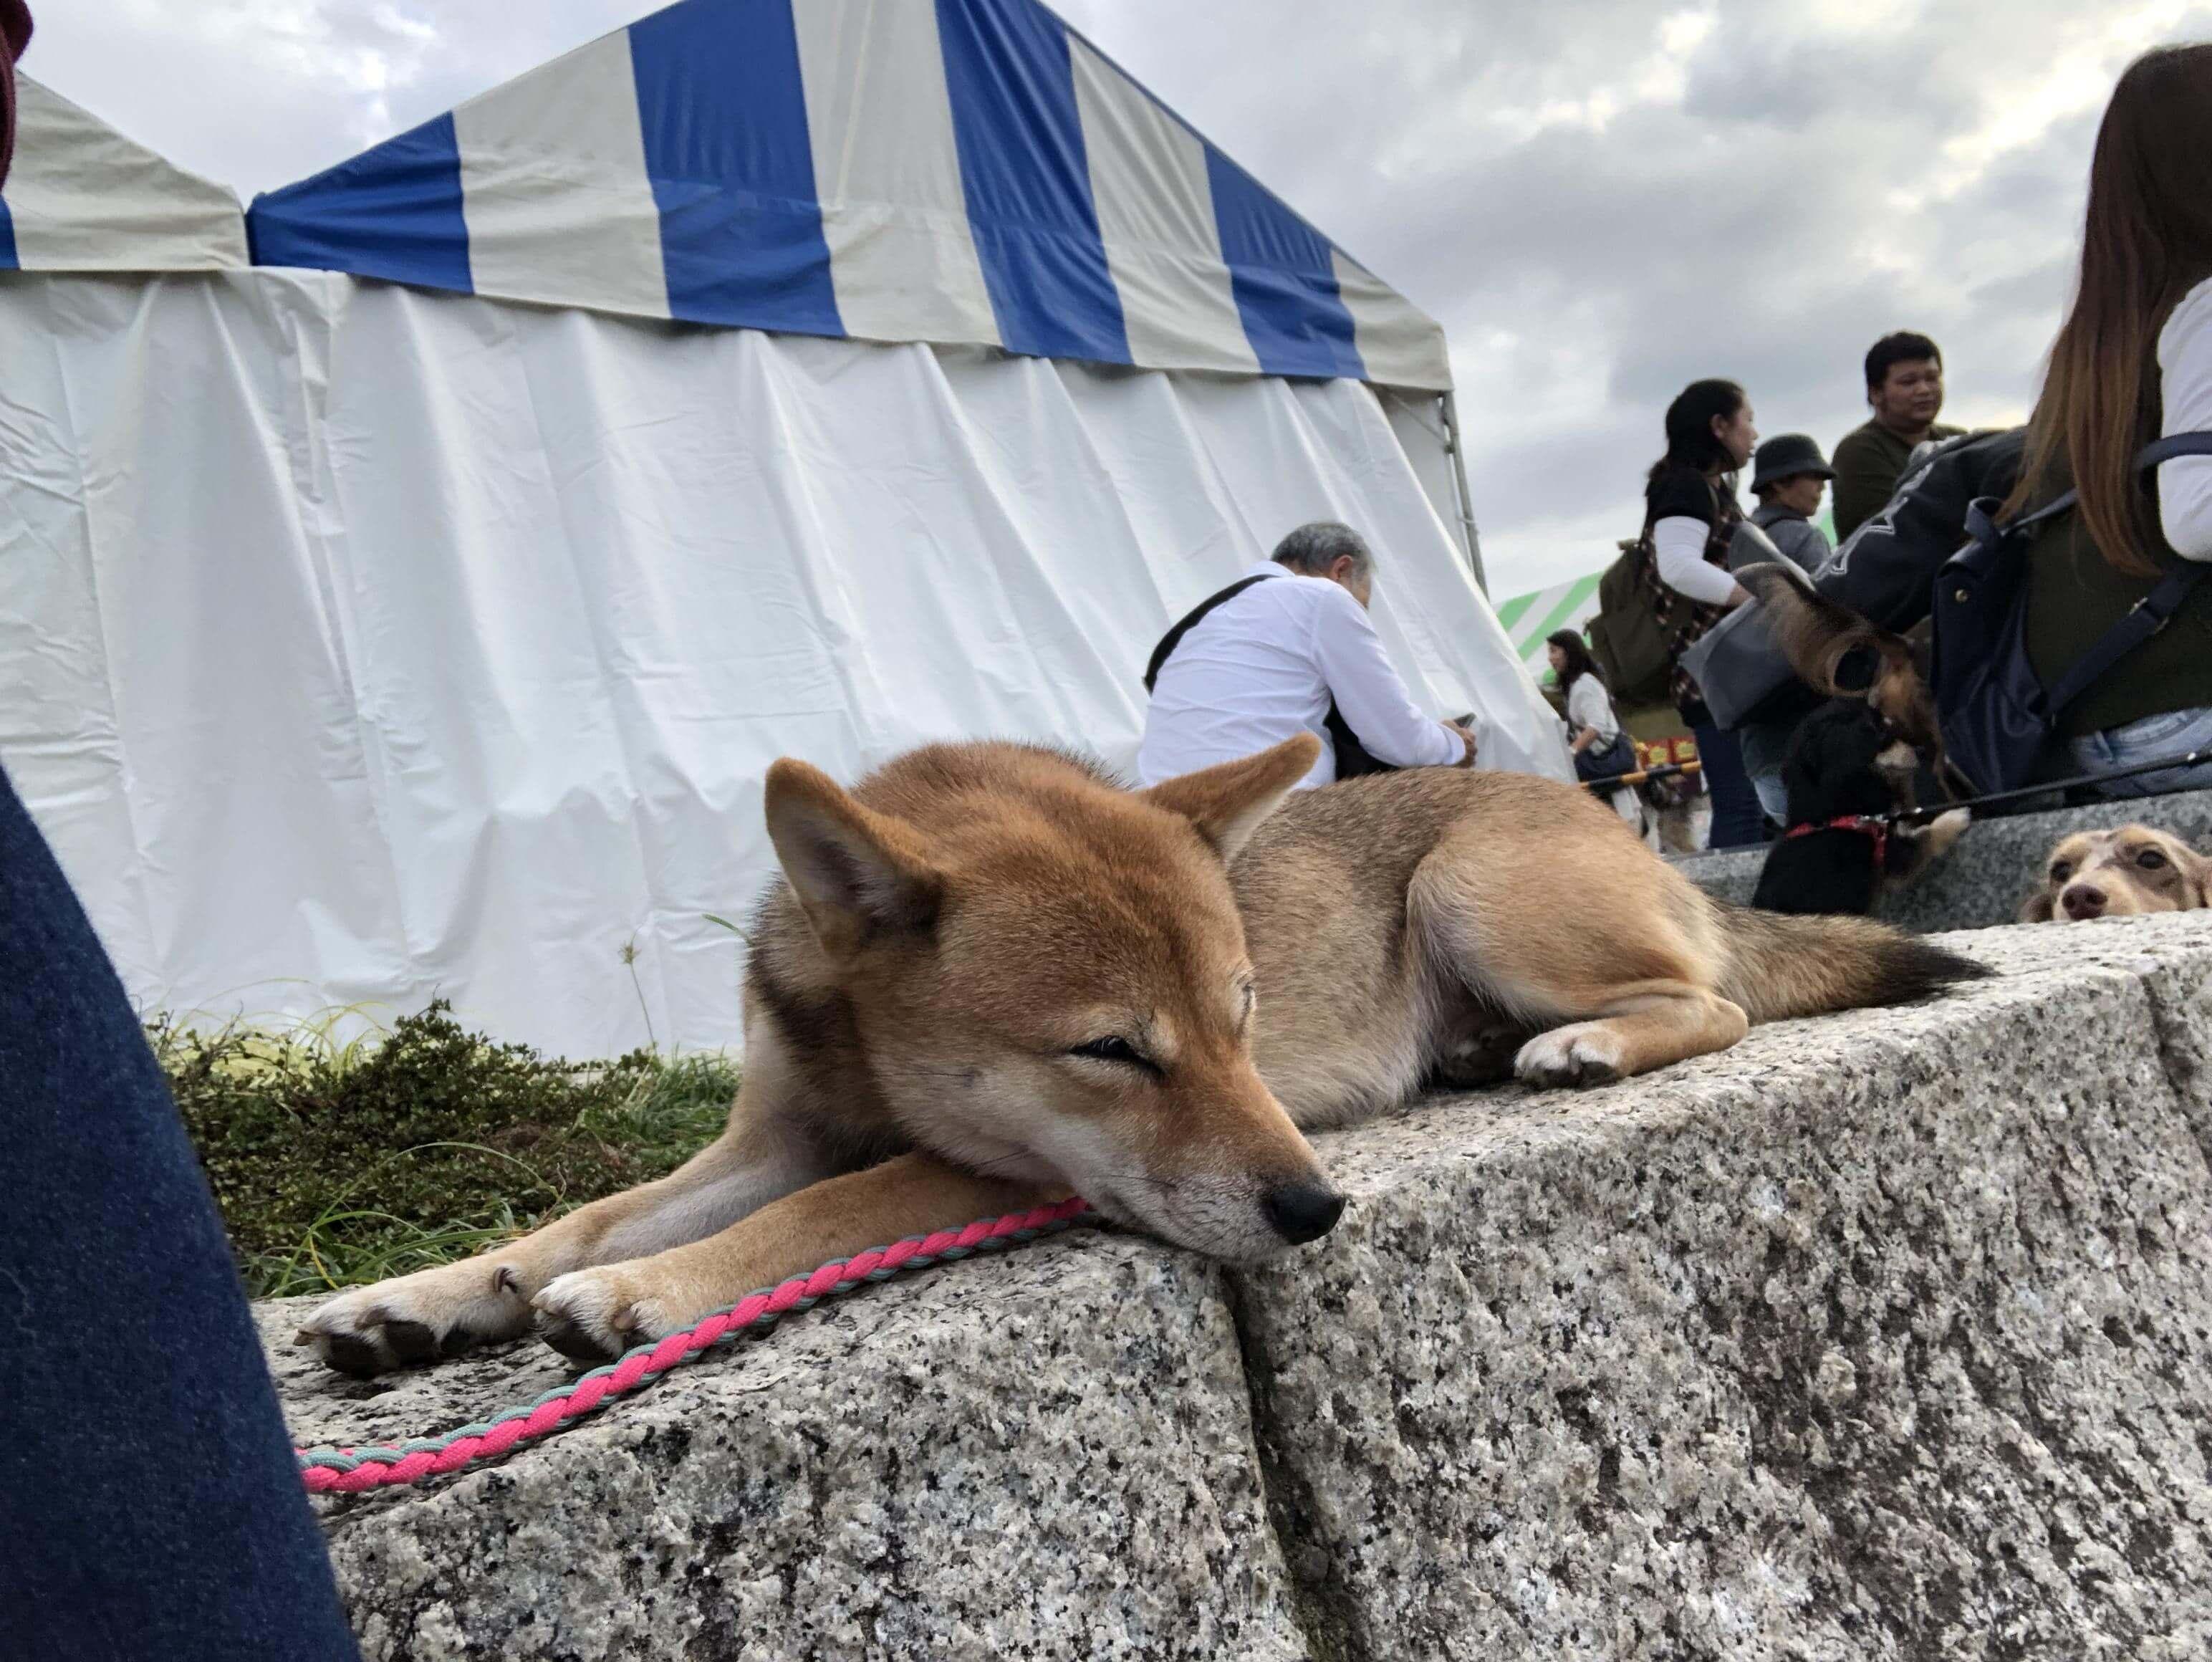 【イベントレポート】駒沢公園わんわんカーニバル2018に行ってきました【中編】